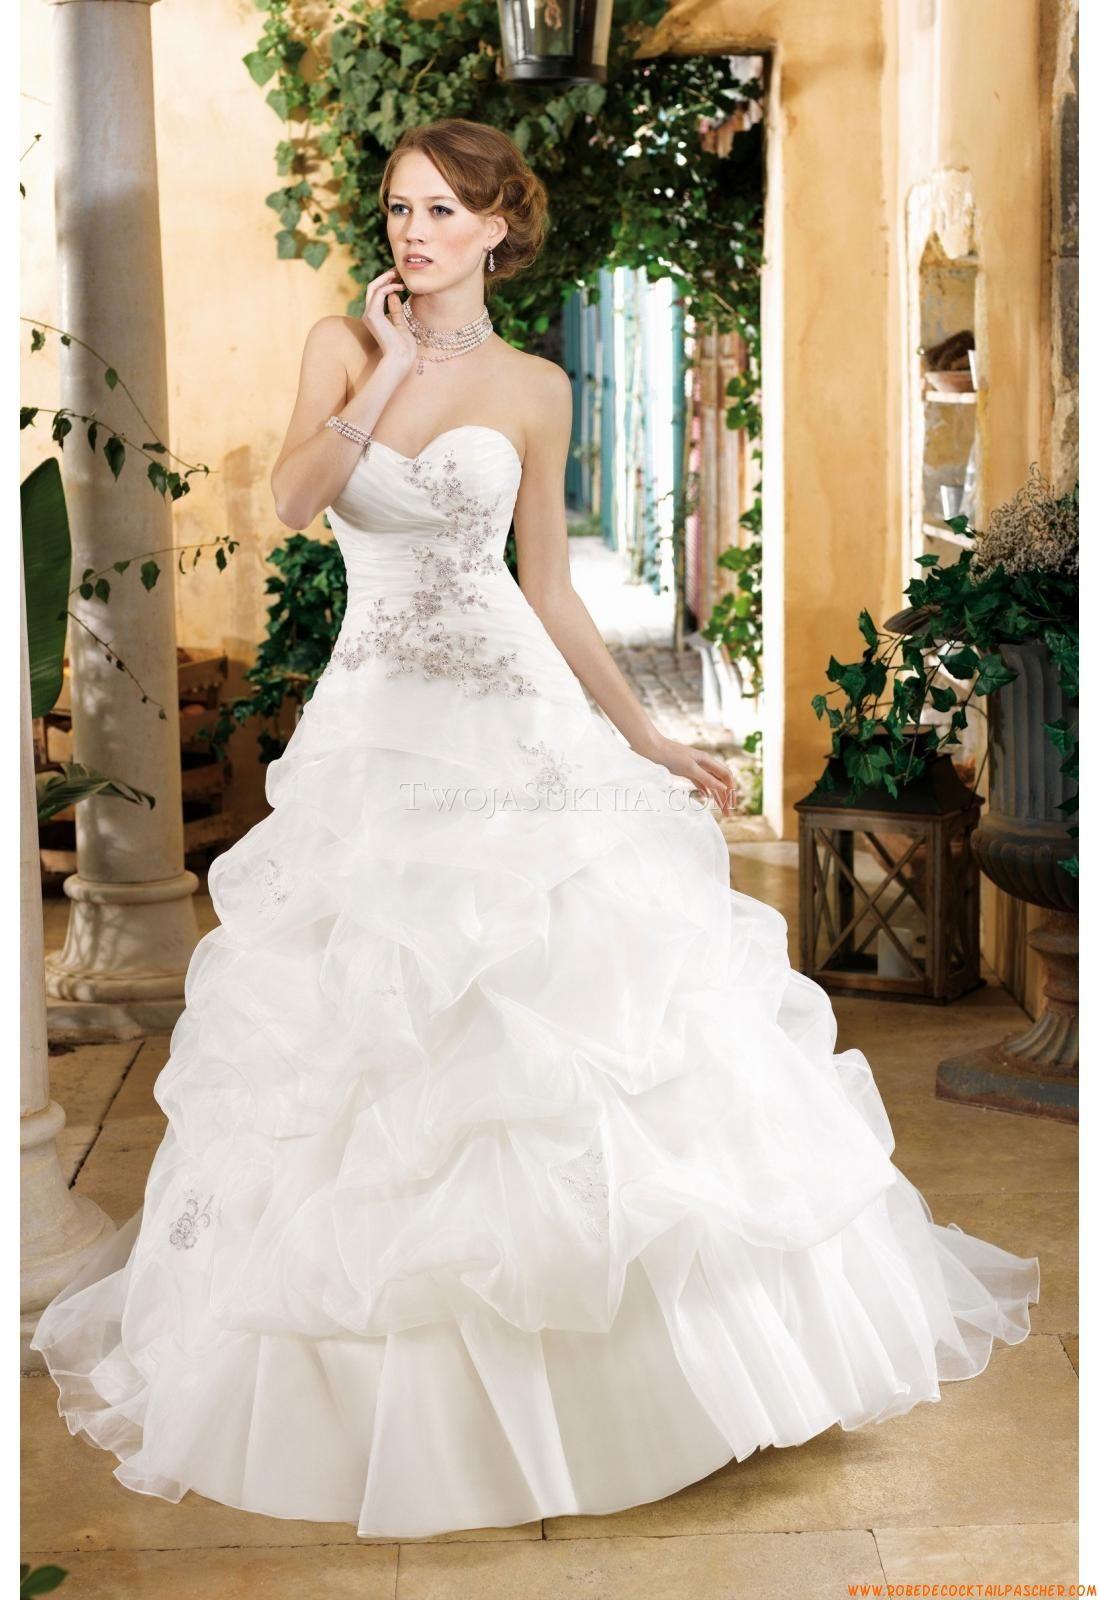 Robe de mariée Miss Kelly MK 14125 2014 Wedding dresses